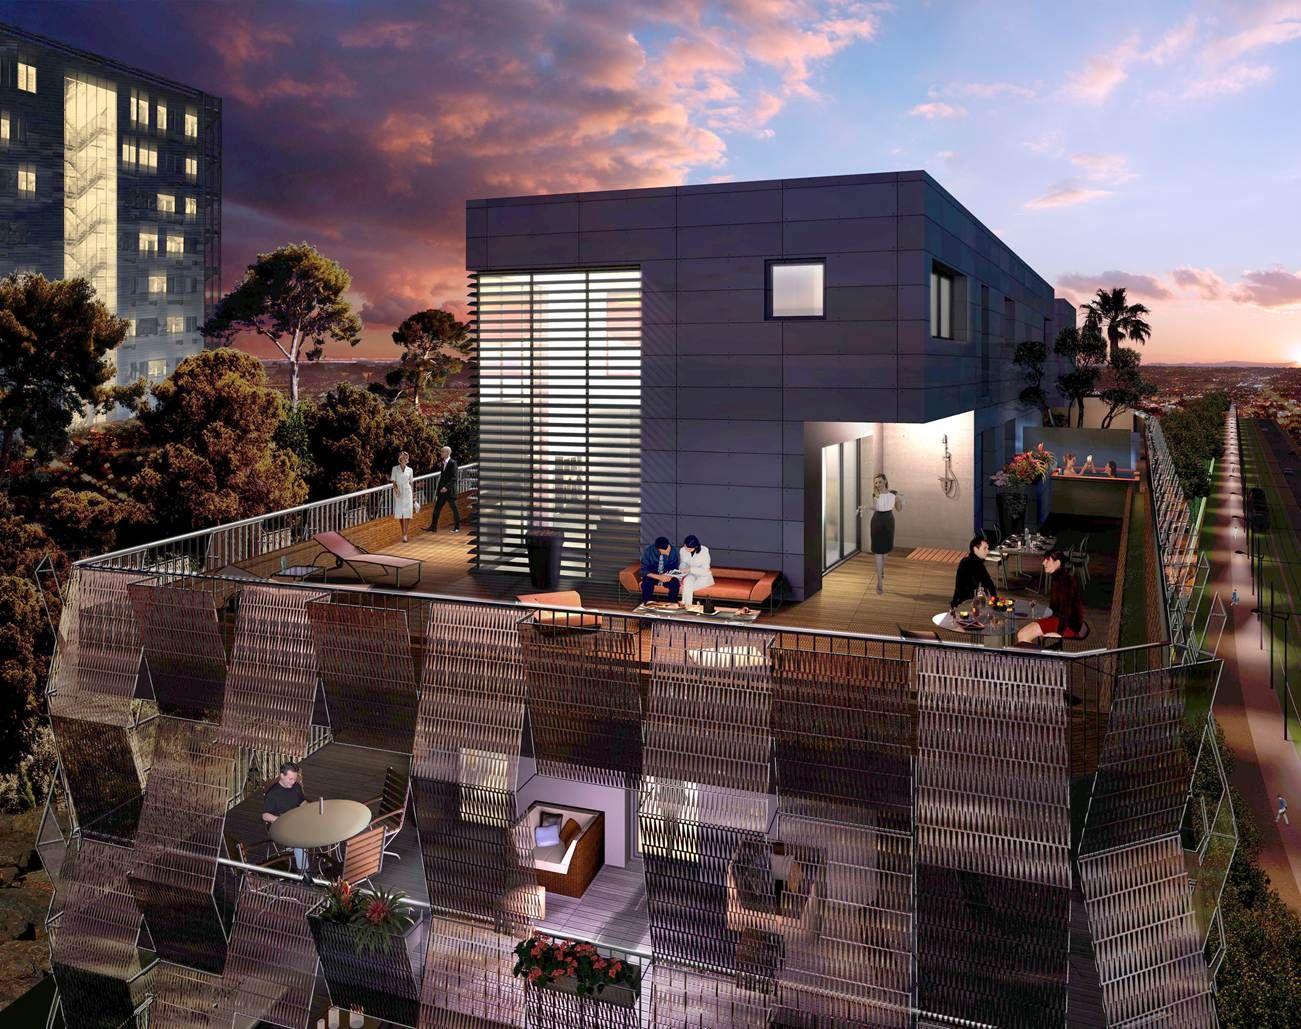 Eos A Port Marianne Dans Les Jardins De L Hotel De Ville Appartements Et Villas Sur Le Toit Maison Style Immobilier Immobilier Neuf